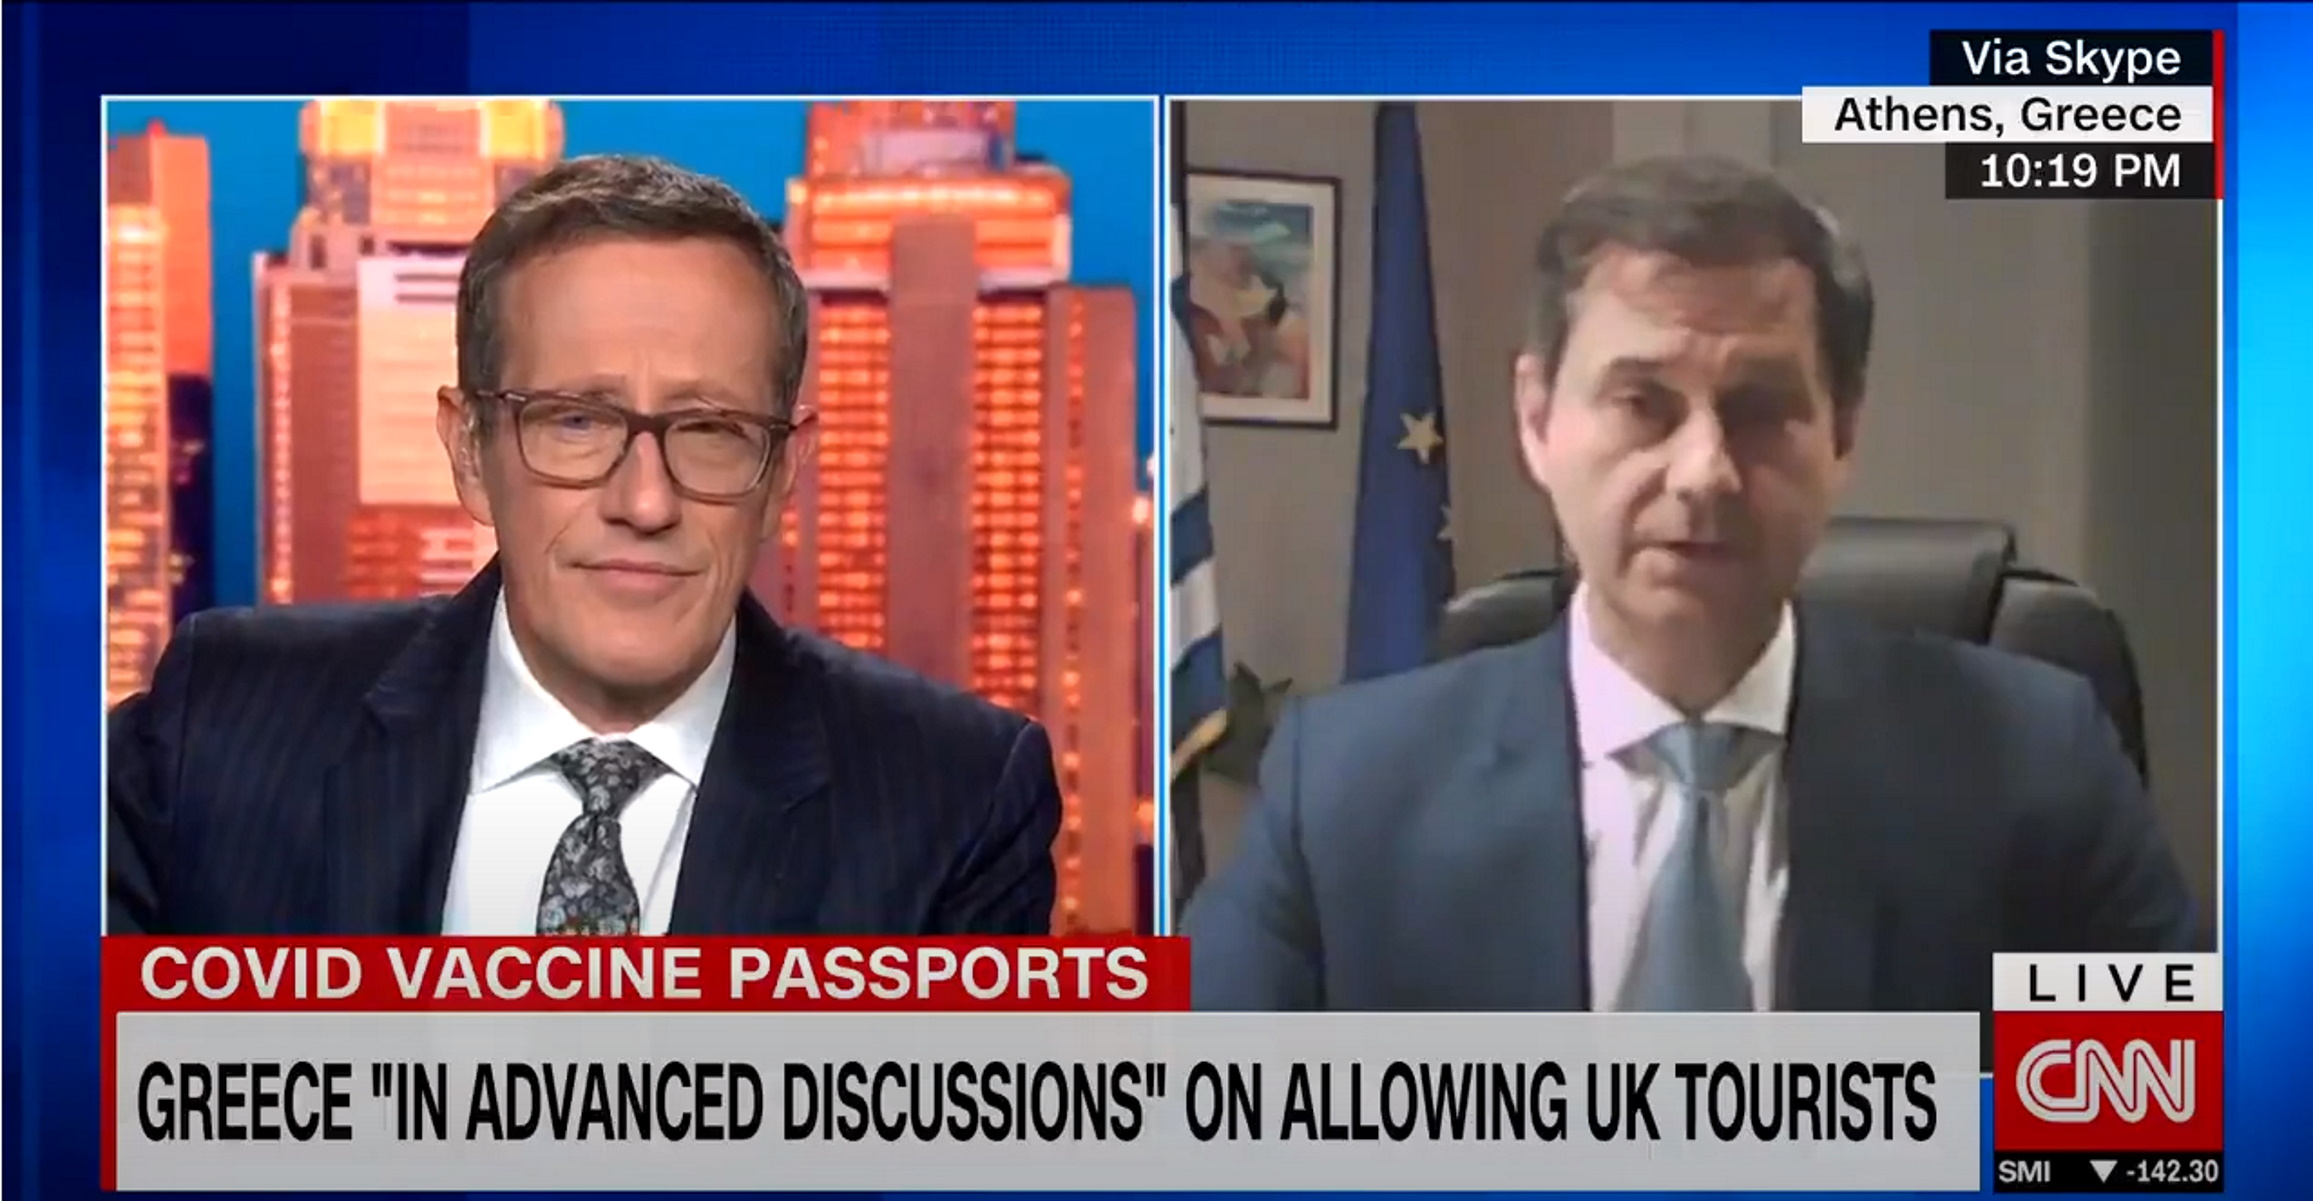 Θεοχάρης στο CNN: Έρχεται συμφωνία για το πιστοποιητικό εμβολιασμού – Τι προσδοκά φέτος στον τουρισμό (video)